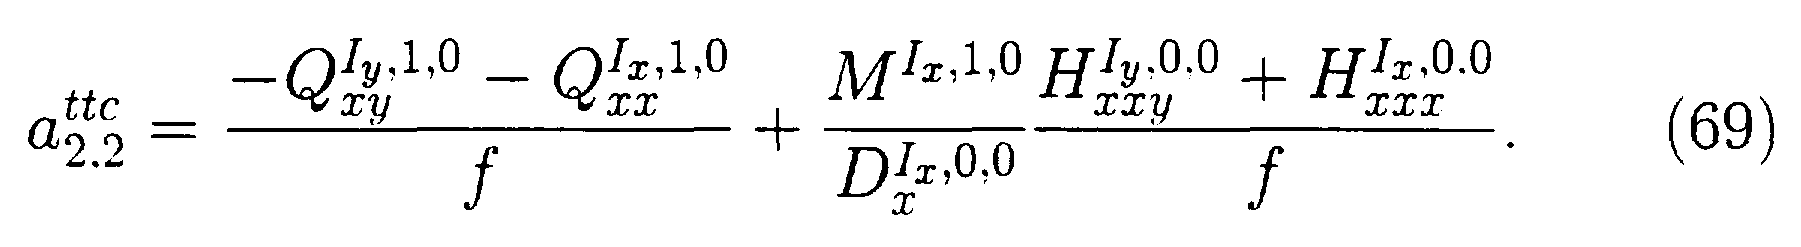 Figure imgf000071_0005